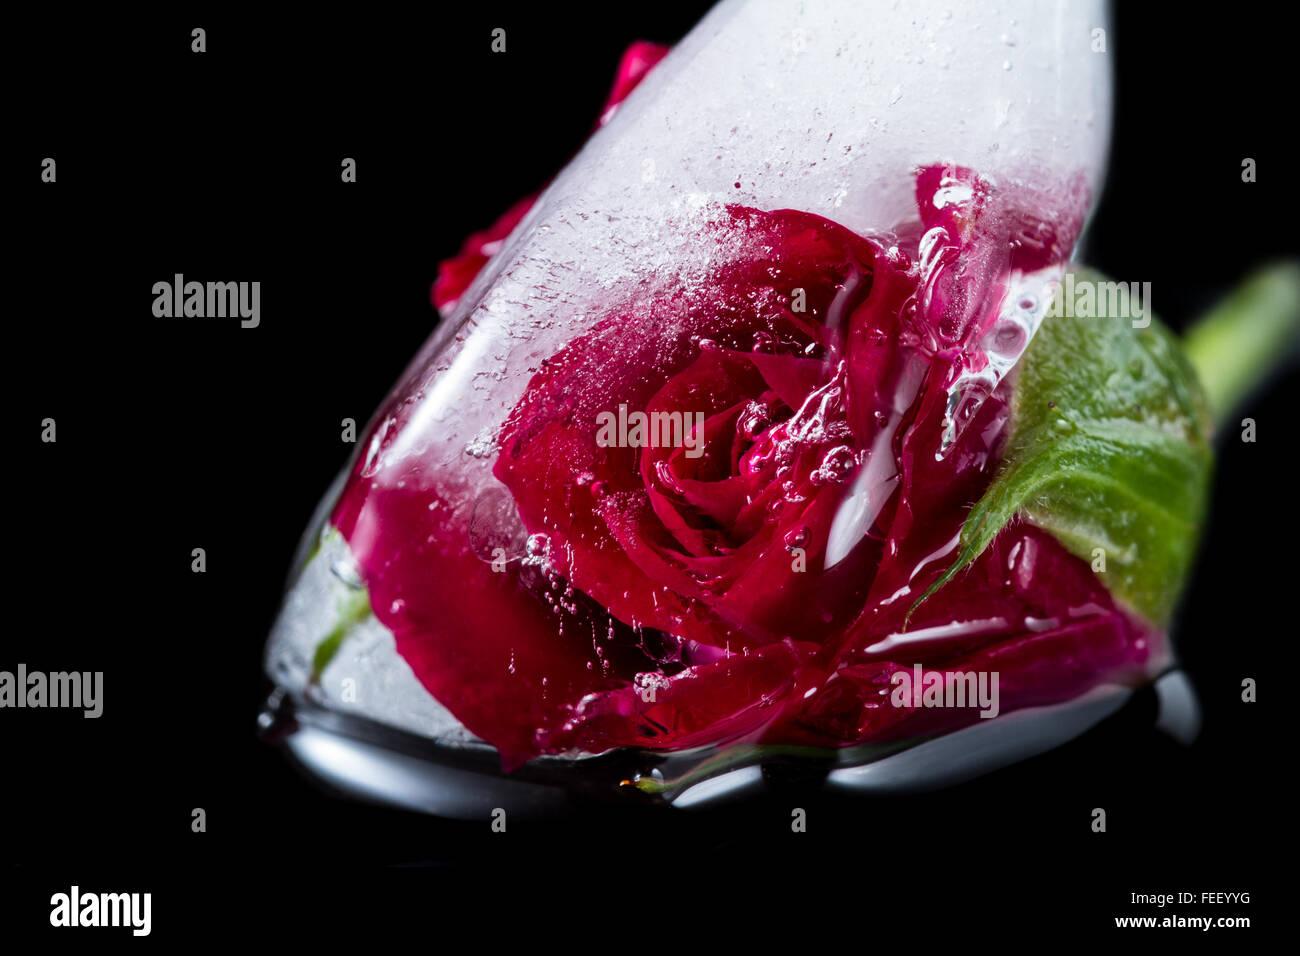 Gros plan d'une petite rose rouge congelé dans un cube de glace l'ajout de belles lignes et de bulles à l'aide de l'élément artistique avec distorsion Banque D'Images